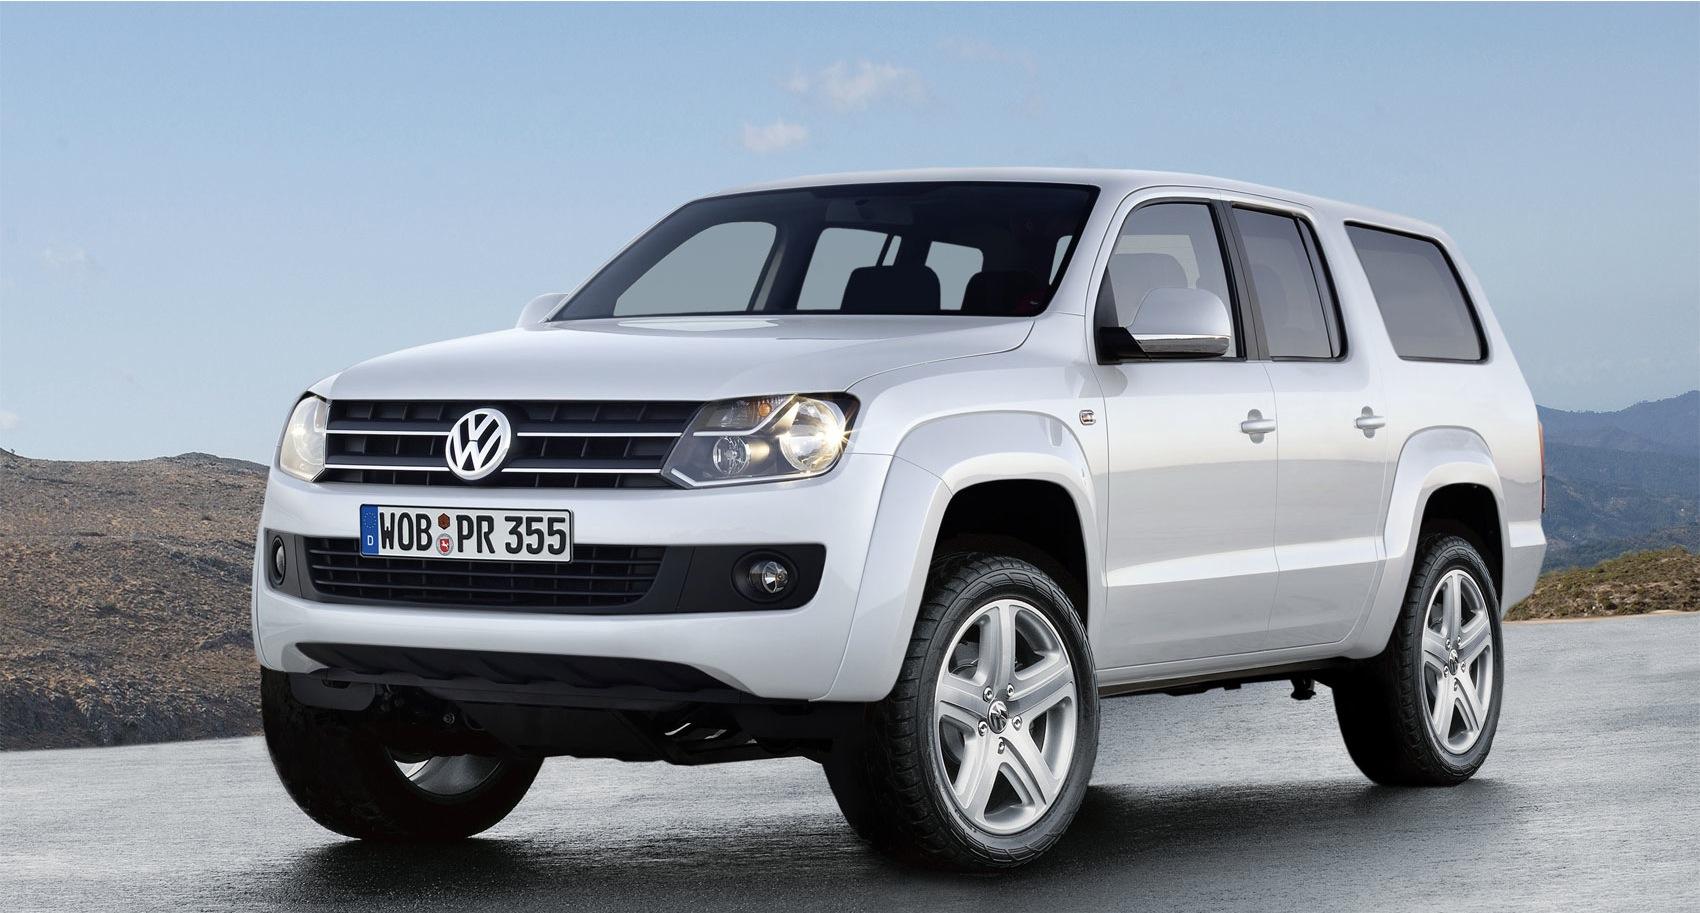 Vw Diesel Truck >> VW Amarok - pagenstecher.de - Deine Automeile im Netz